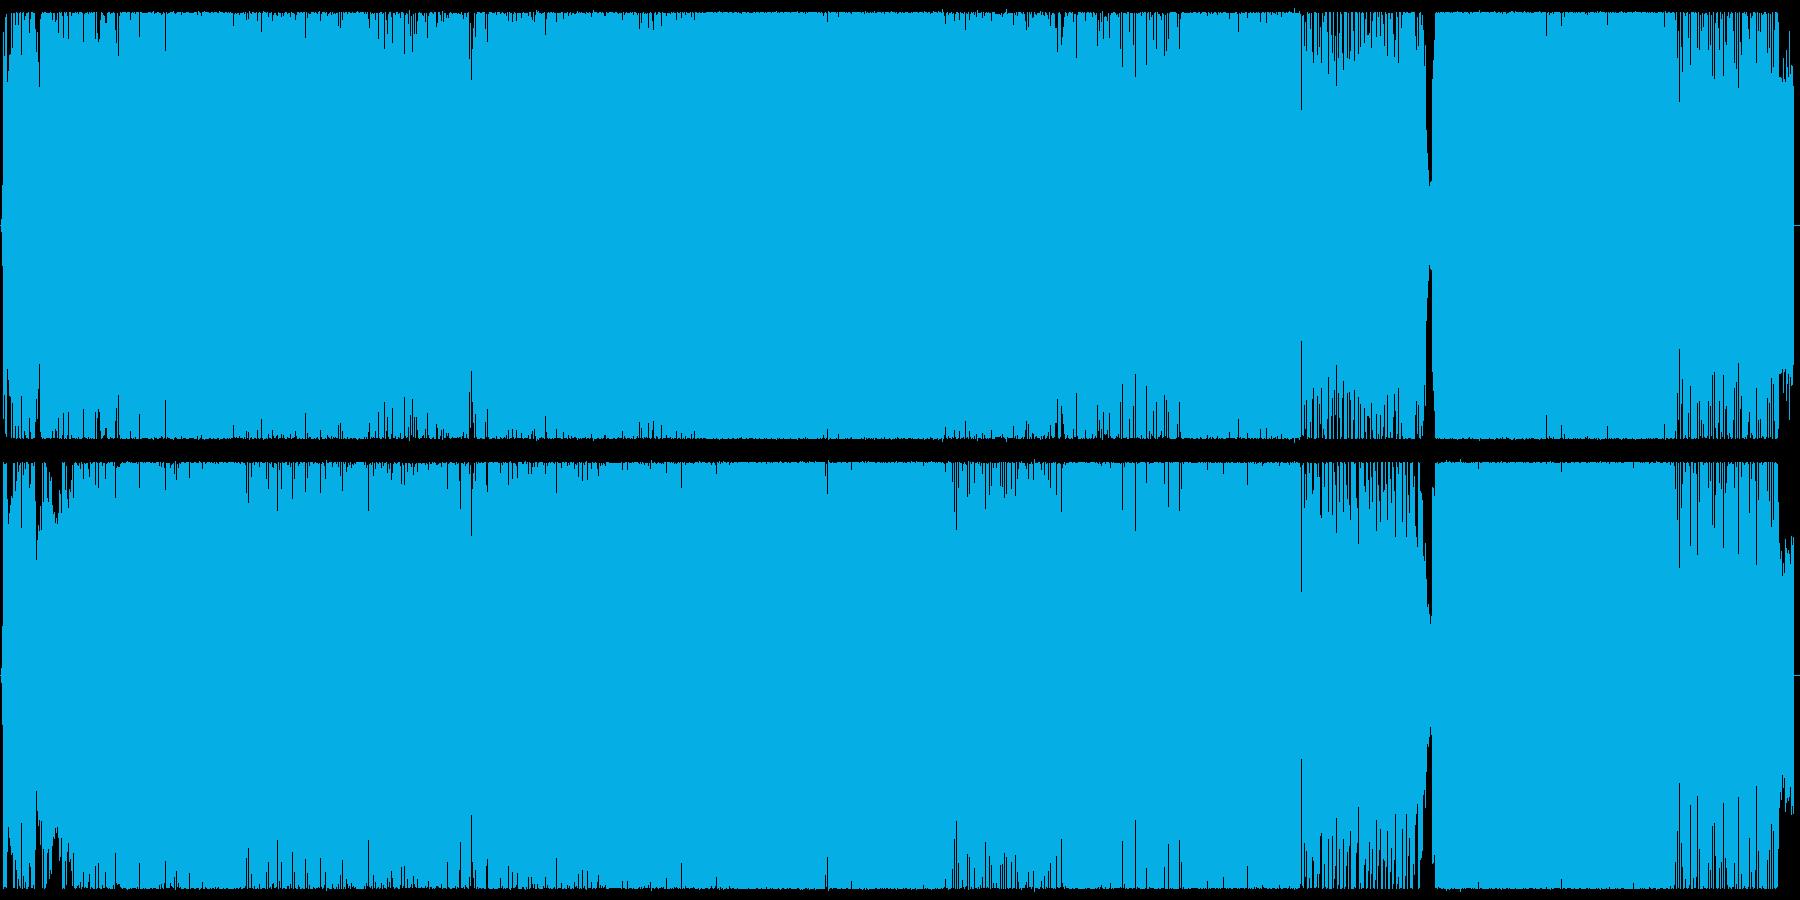 ツインボーカルのオルタナティブロックの再生済みの波形